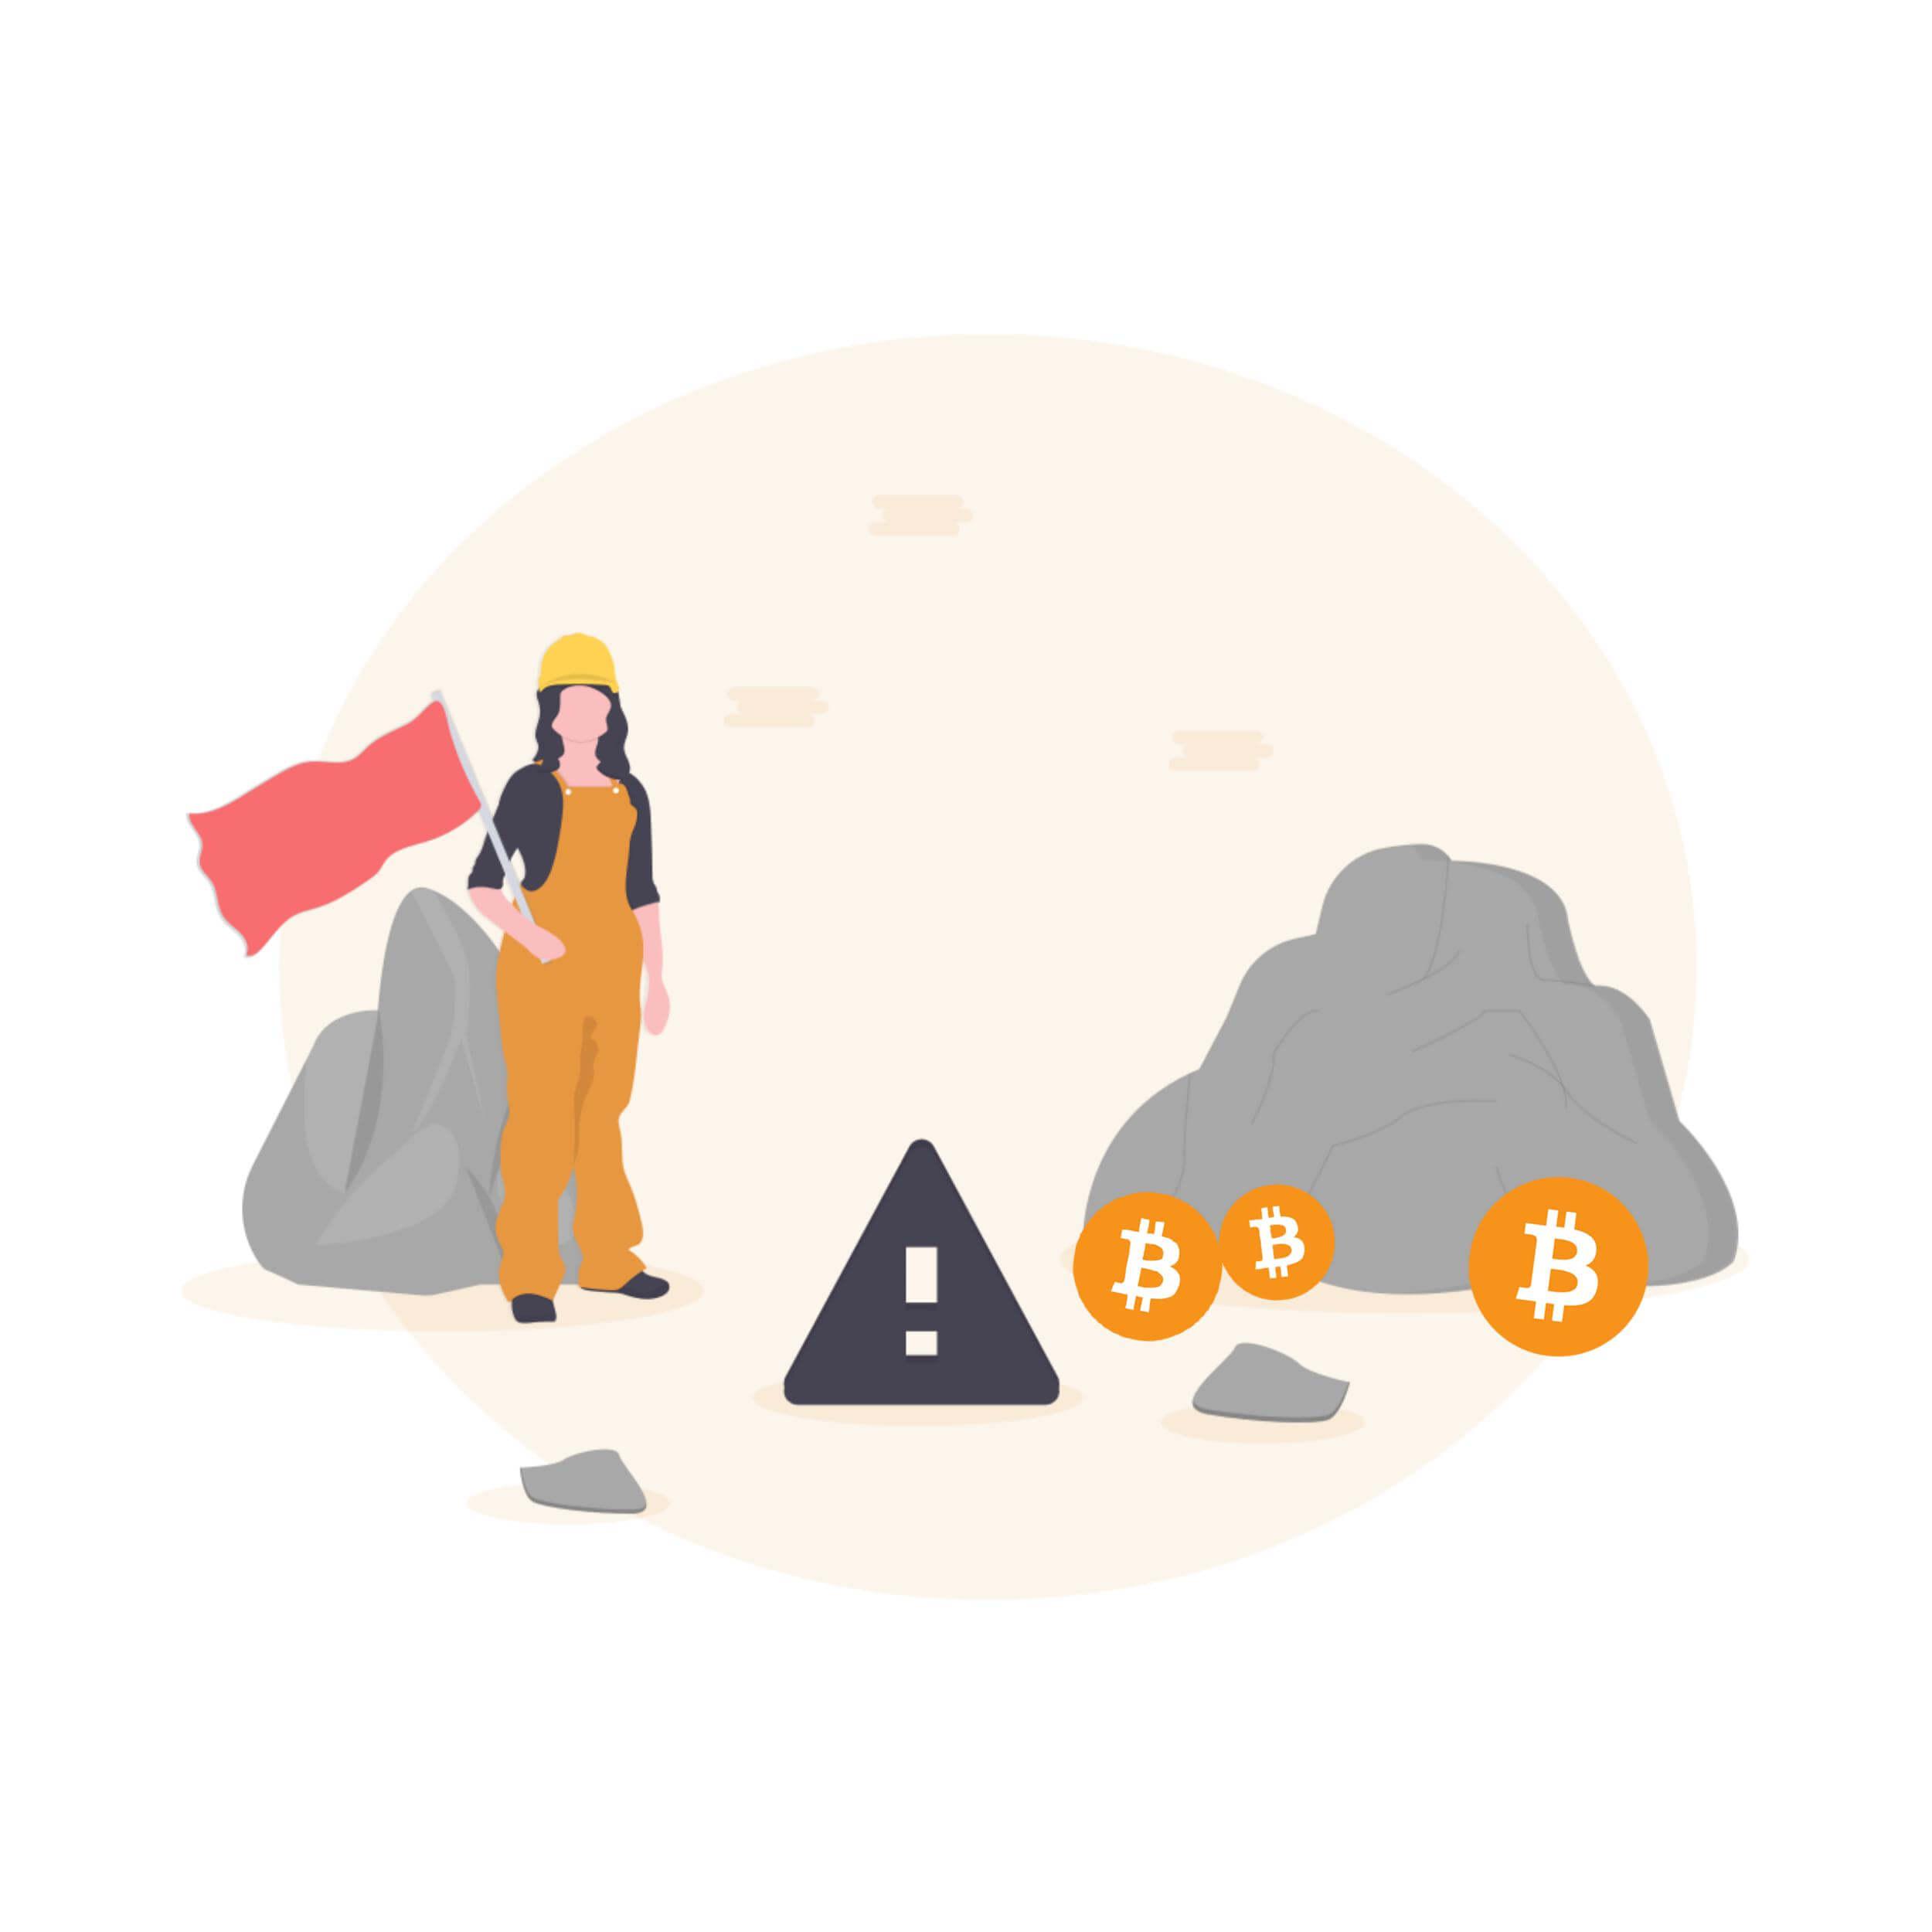 Bitcoin Risiken